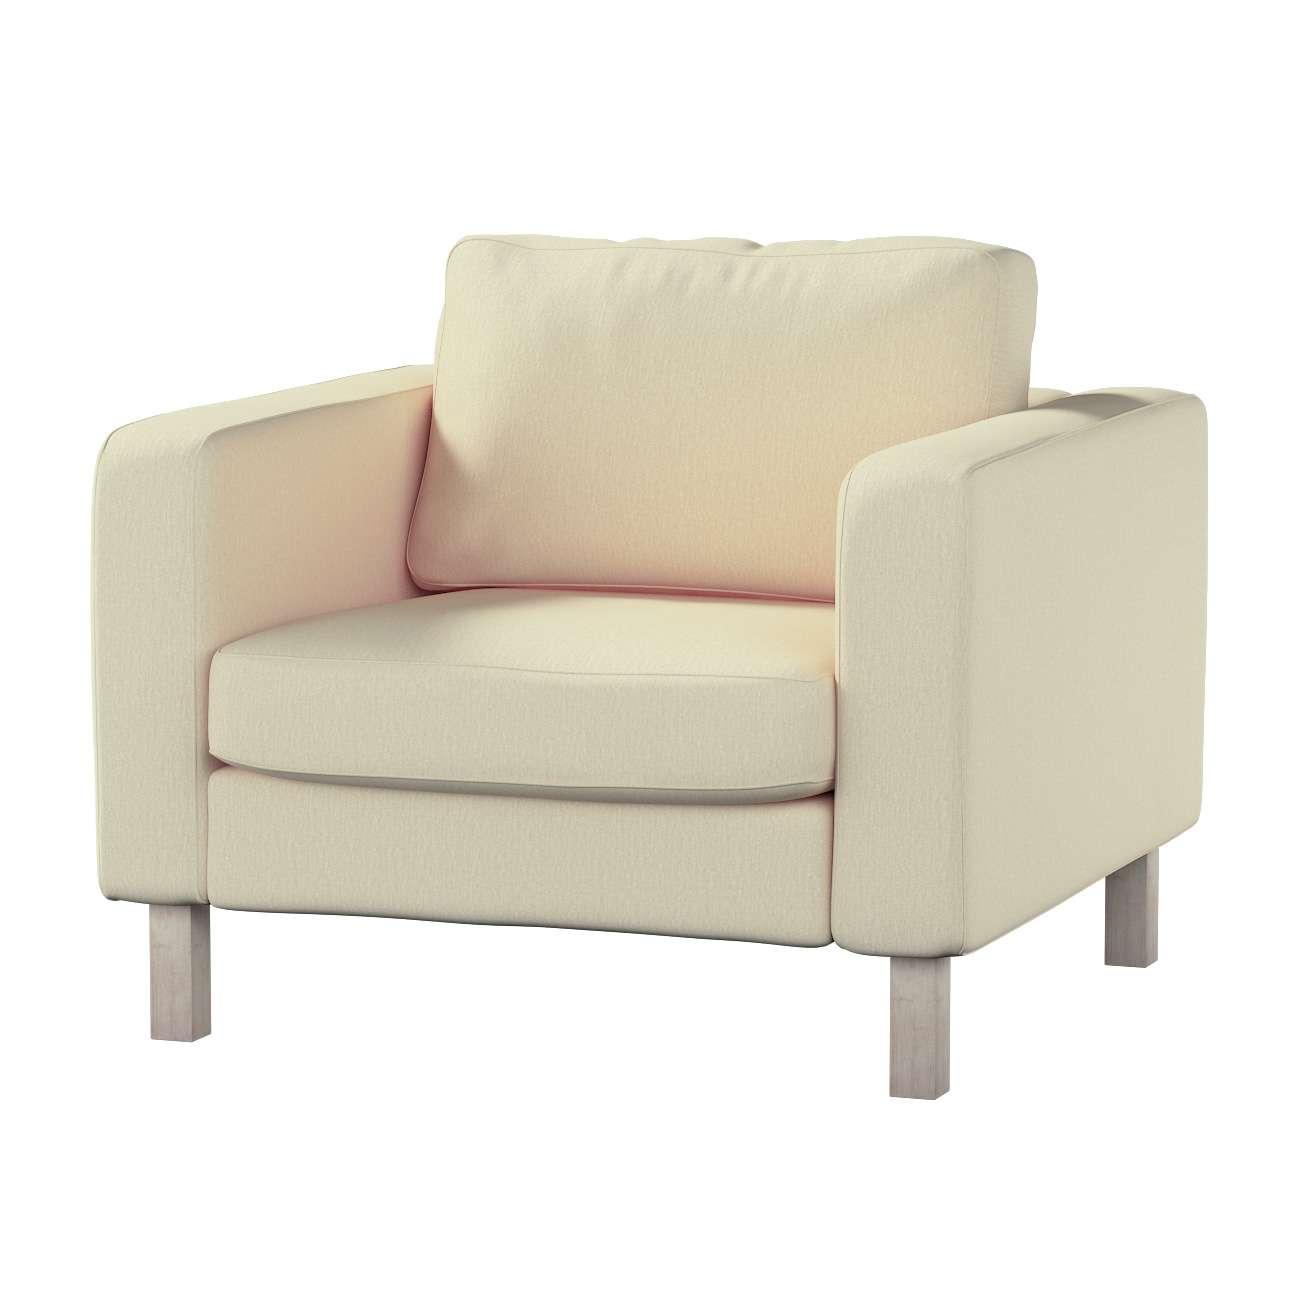 Karlstad fotelio užvalkalas Karlstad fotelio užvalkalas kolekcijoje Chenille, audinys: 702-22